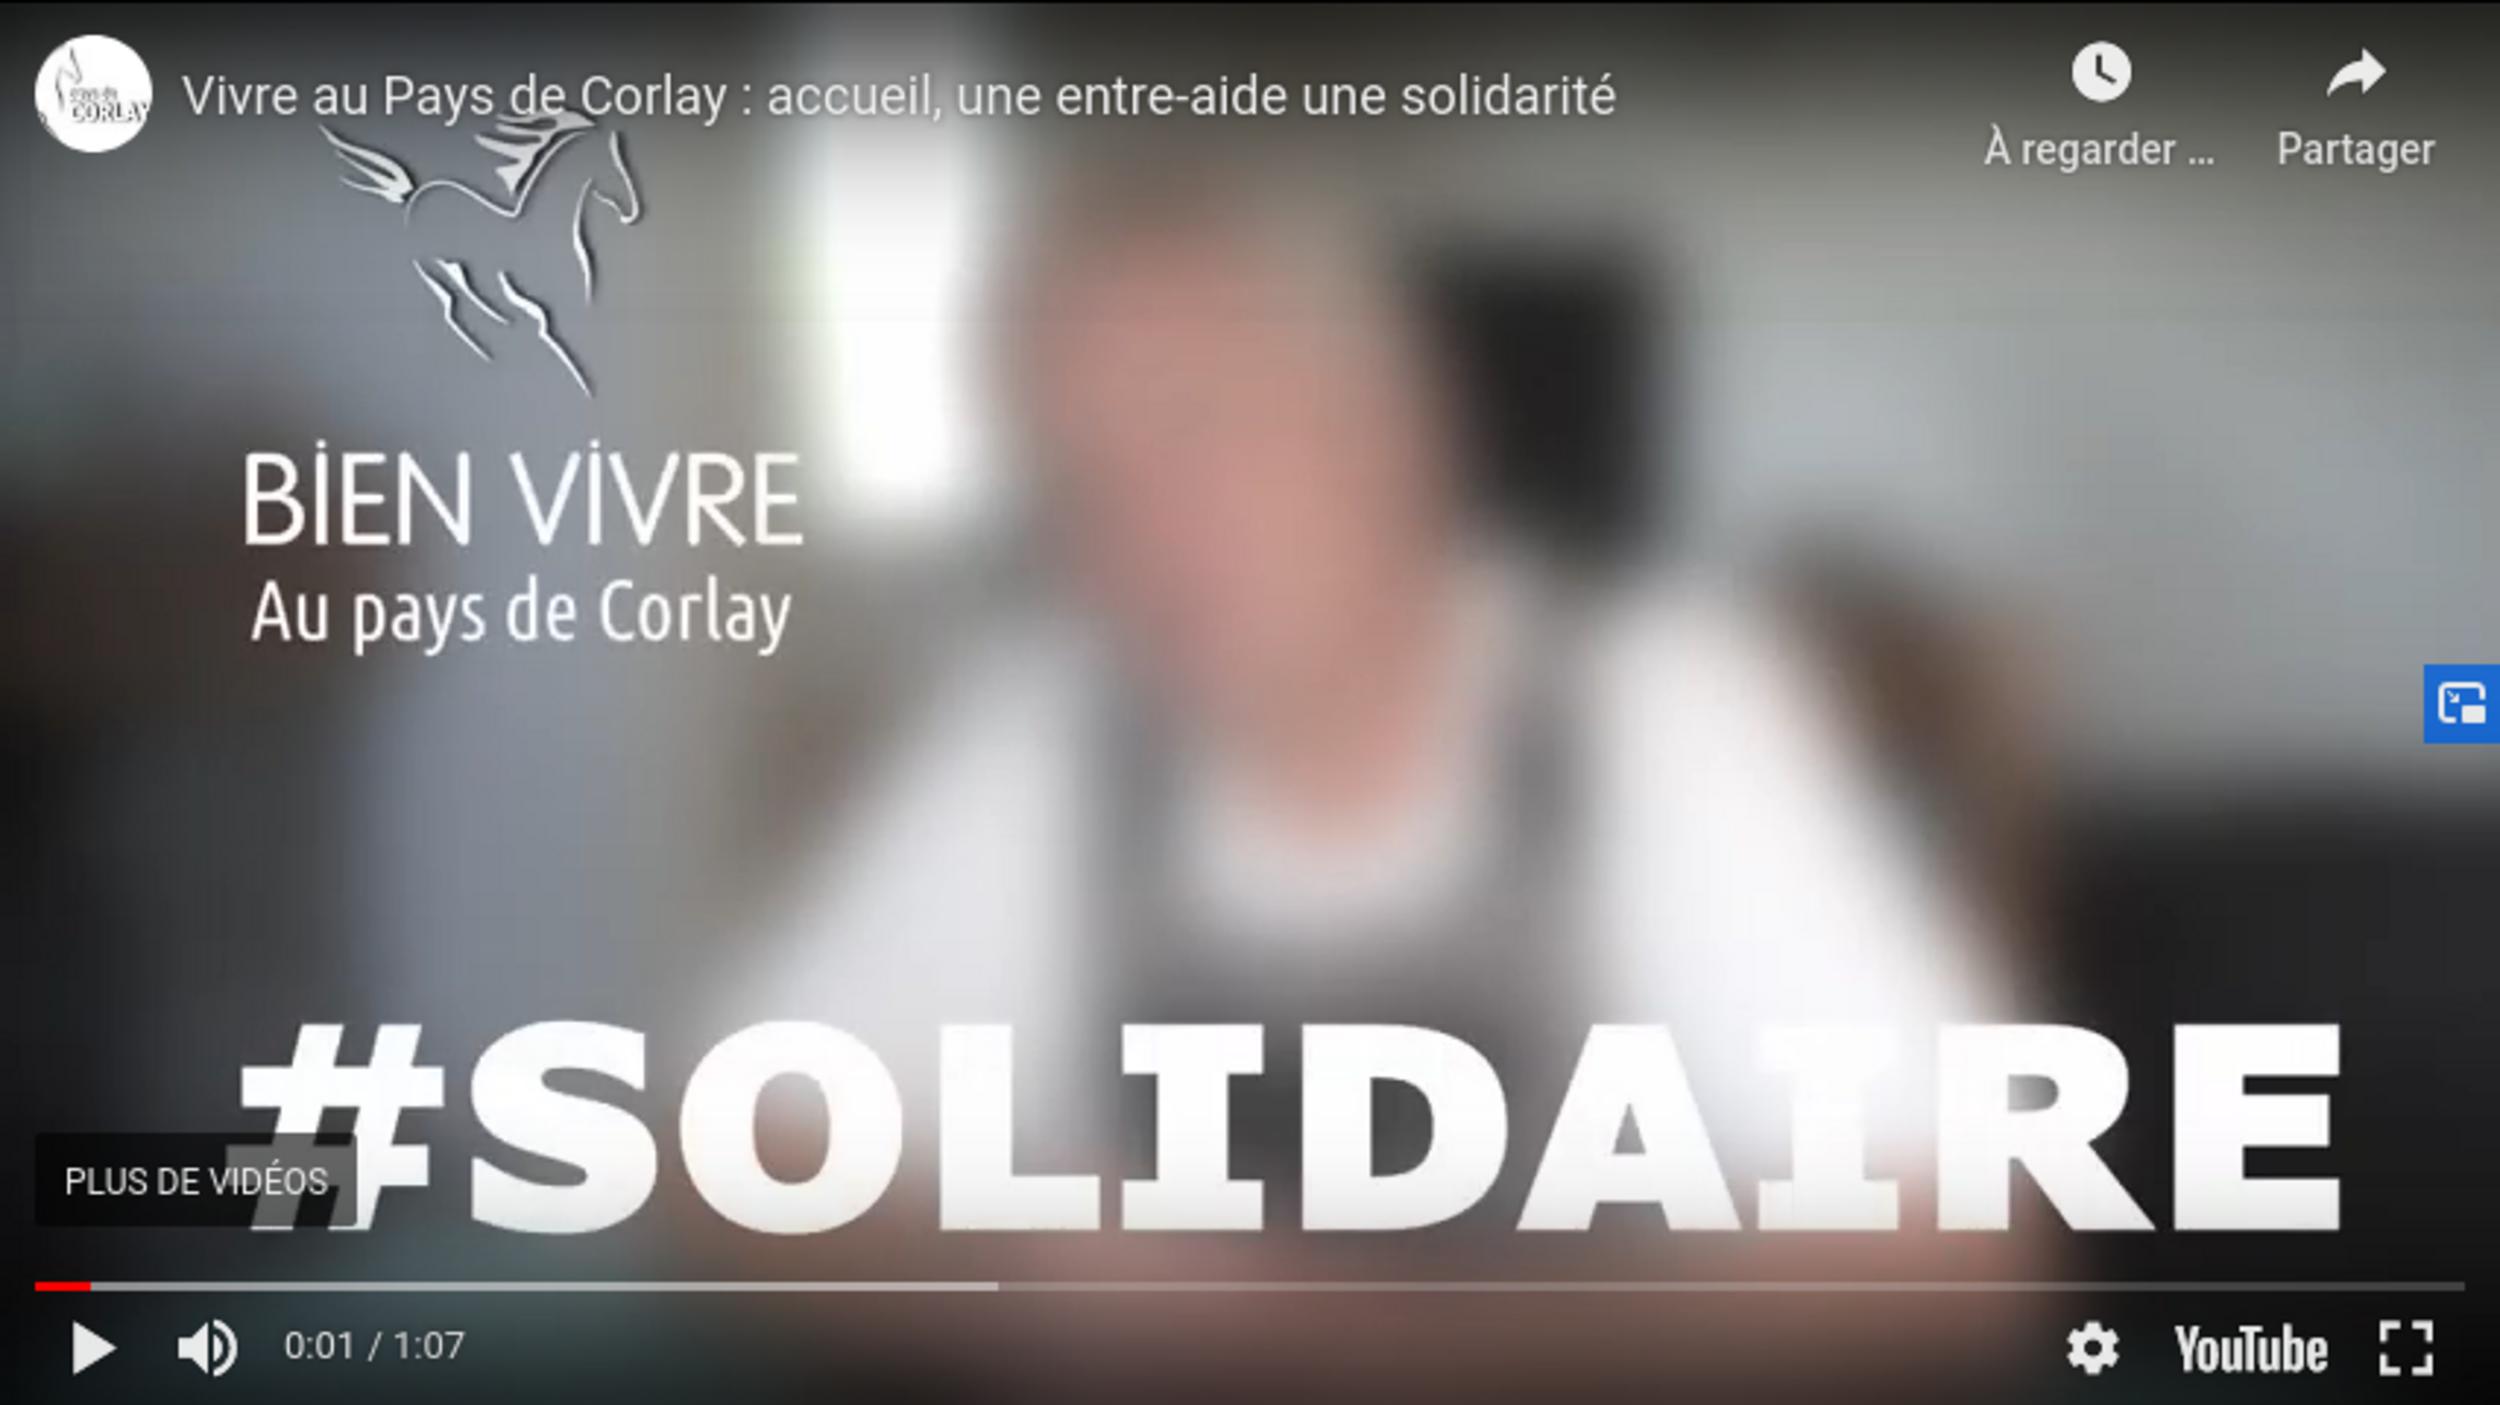 Vivre au Pays de Corlay : accueil, une entre-aide une solidarité